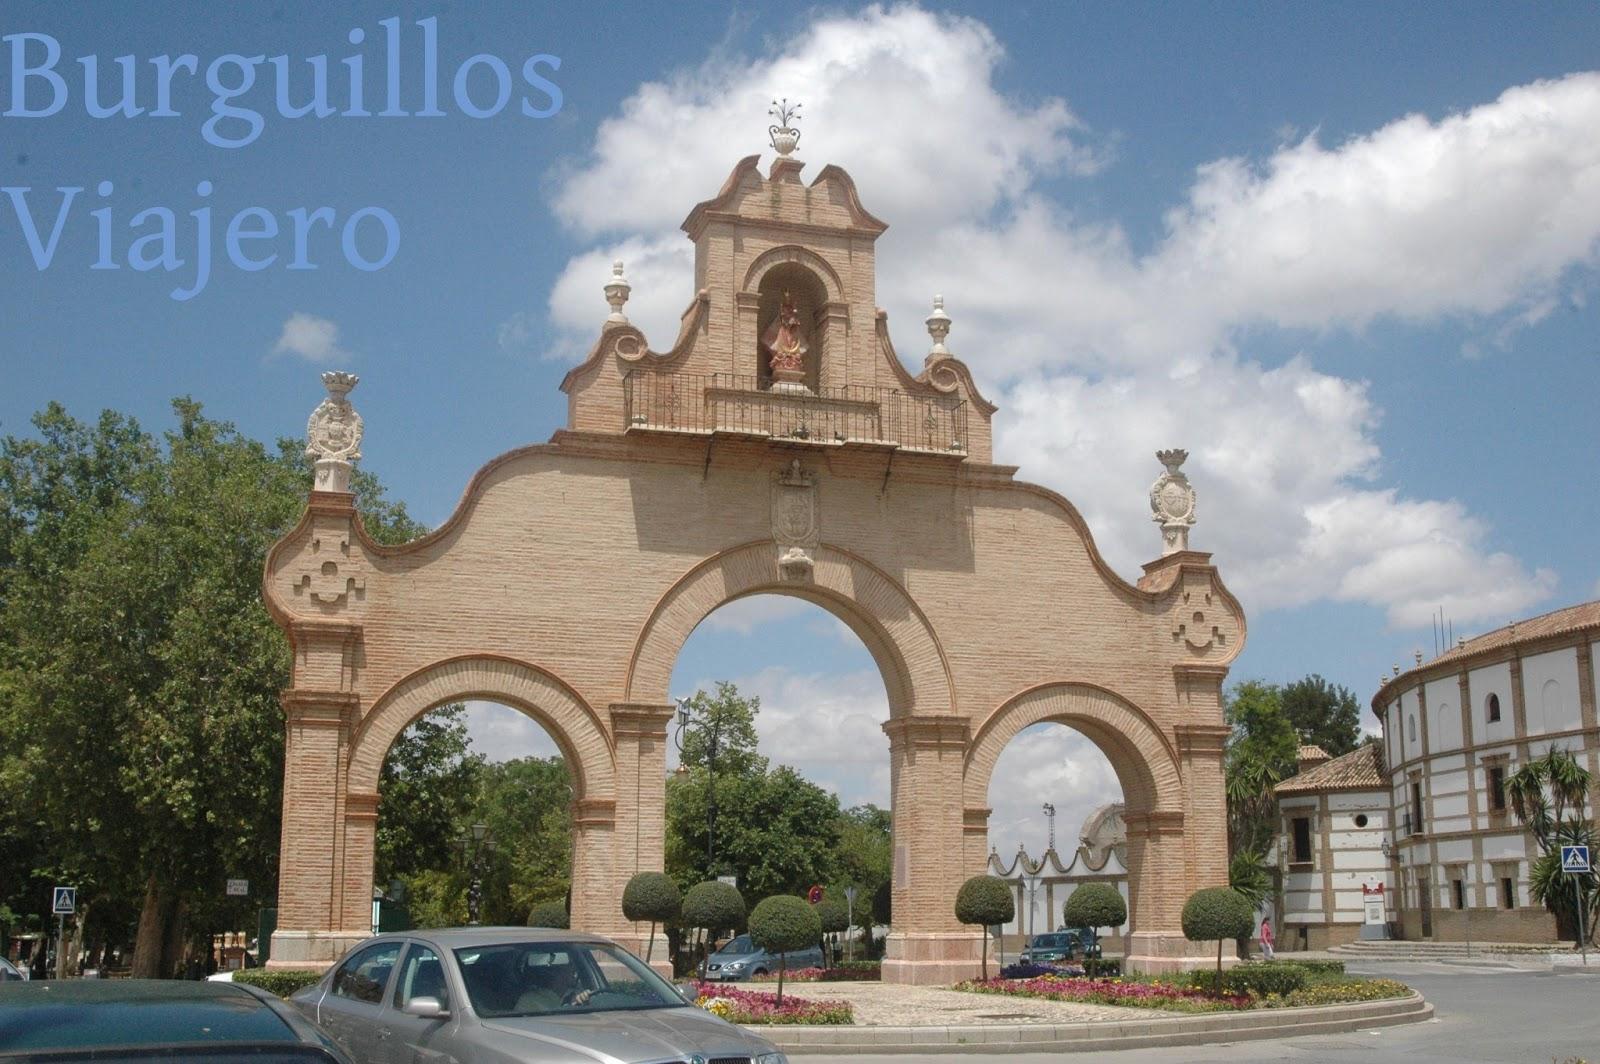 Burguillos viajero ii 544 antequera ii m laga 24 de for Puerta 7 campo de mayo